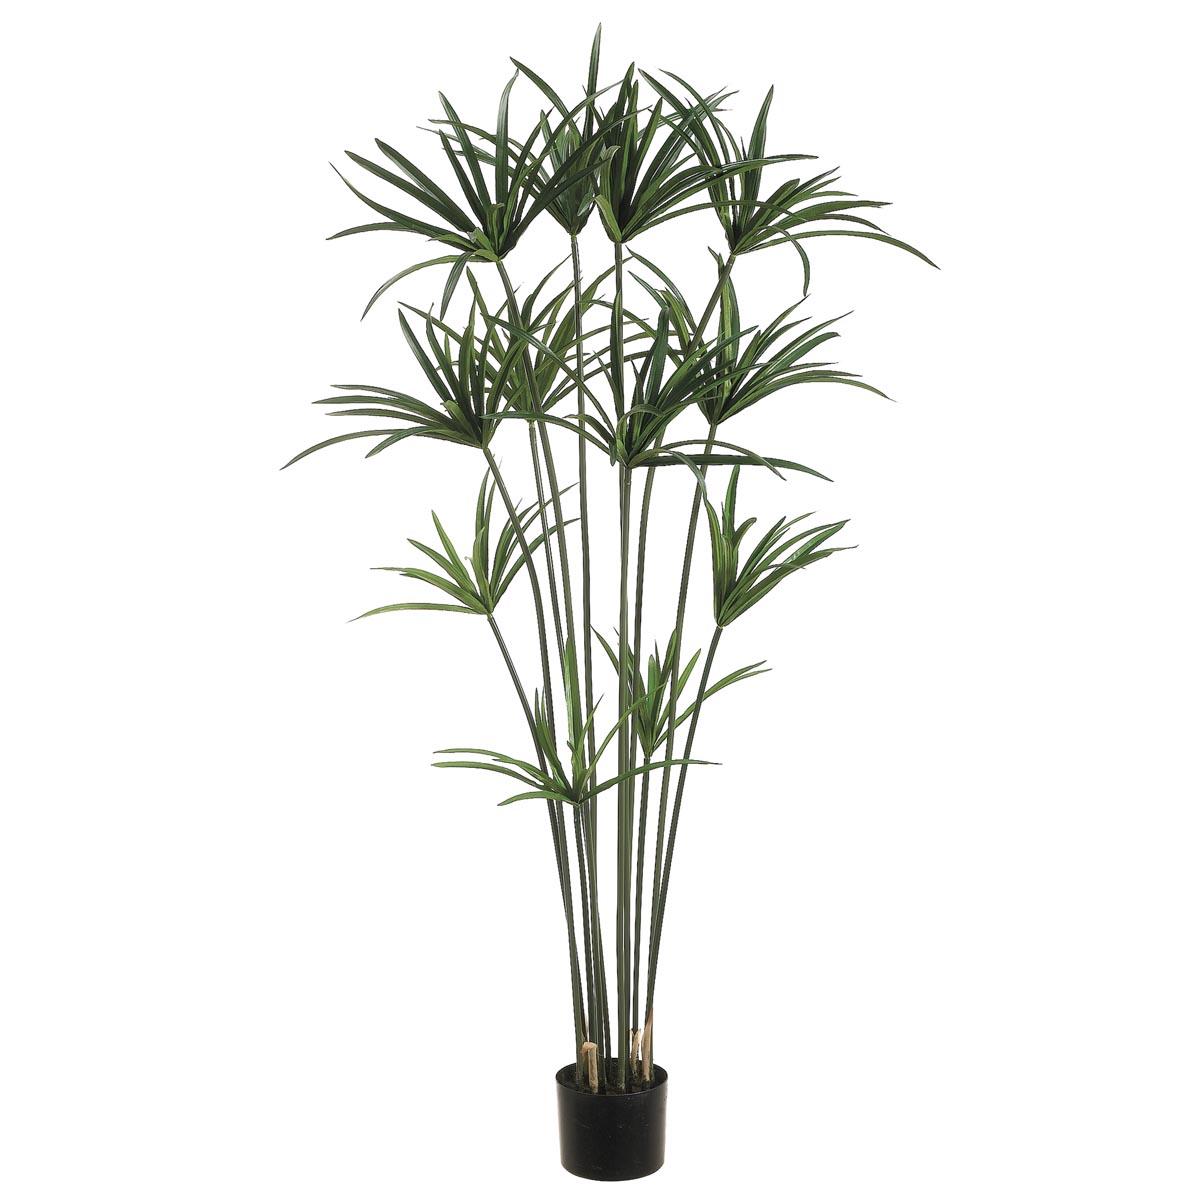 5 foot papyrus plant potted ltp195 gr. Black Bedroom Furniture Sets. Home Design Ideas